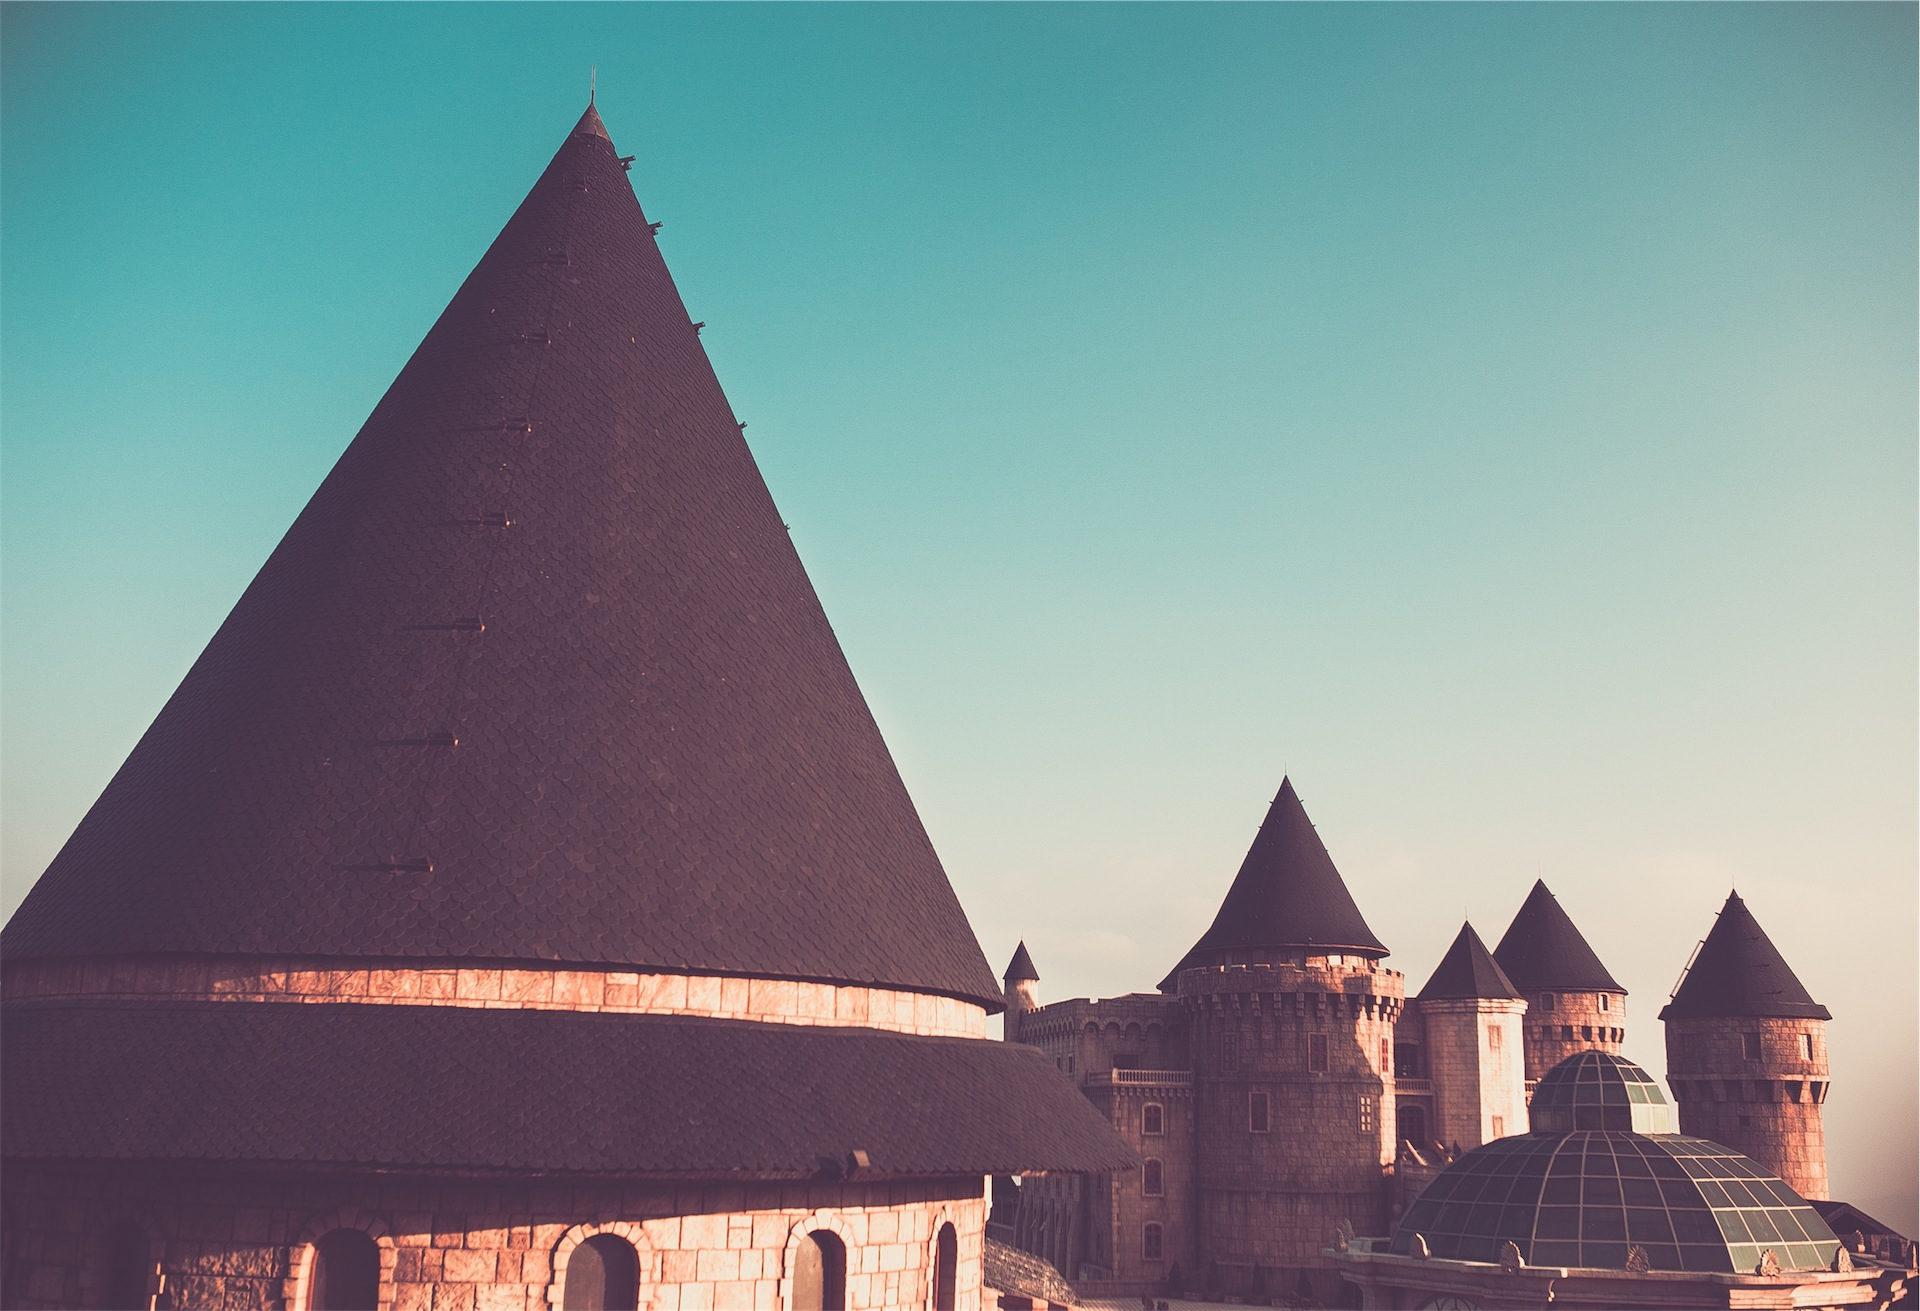 Замок, Торрес, Торреон, Крепость, Небо - Обои HD - Профессор falken.com